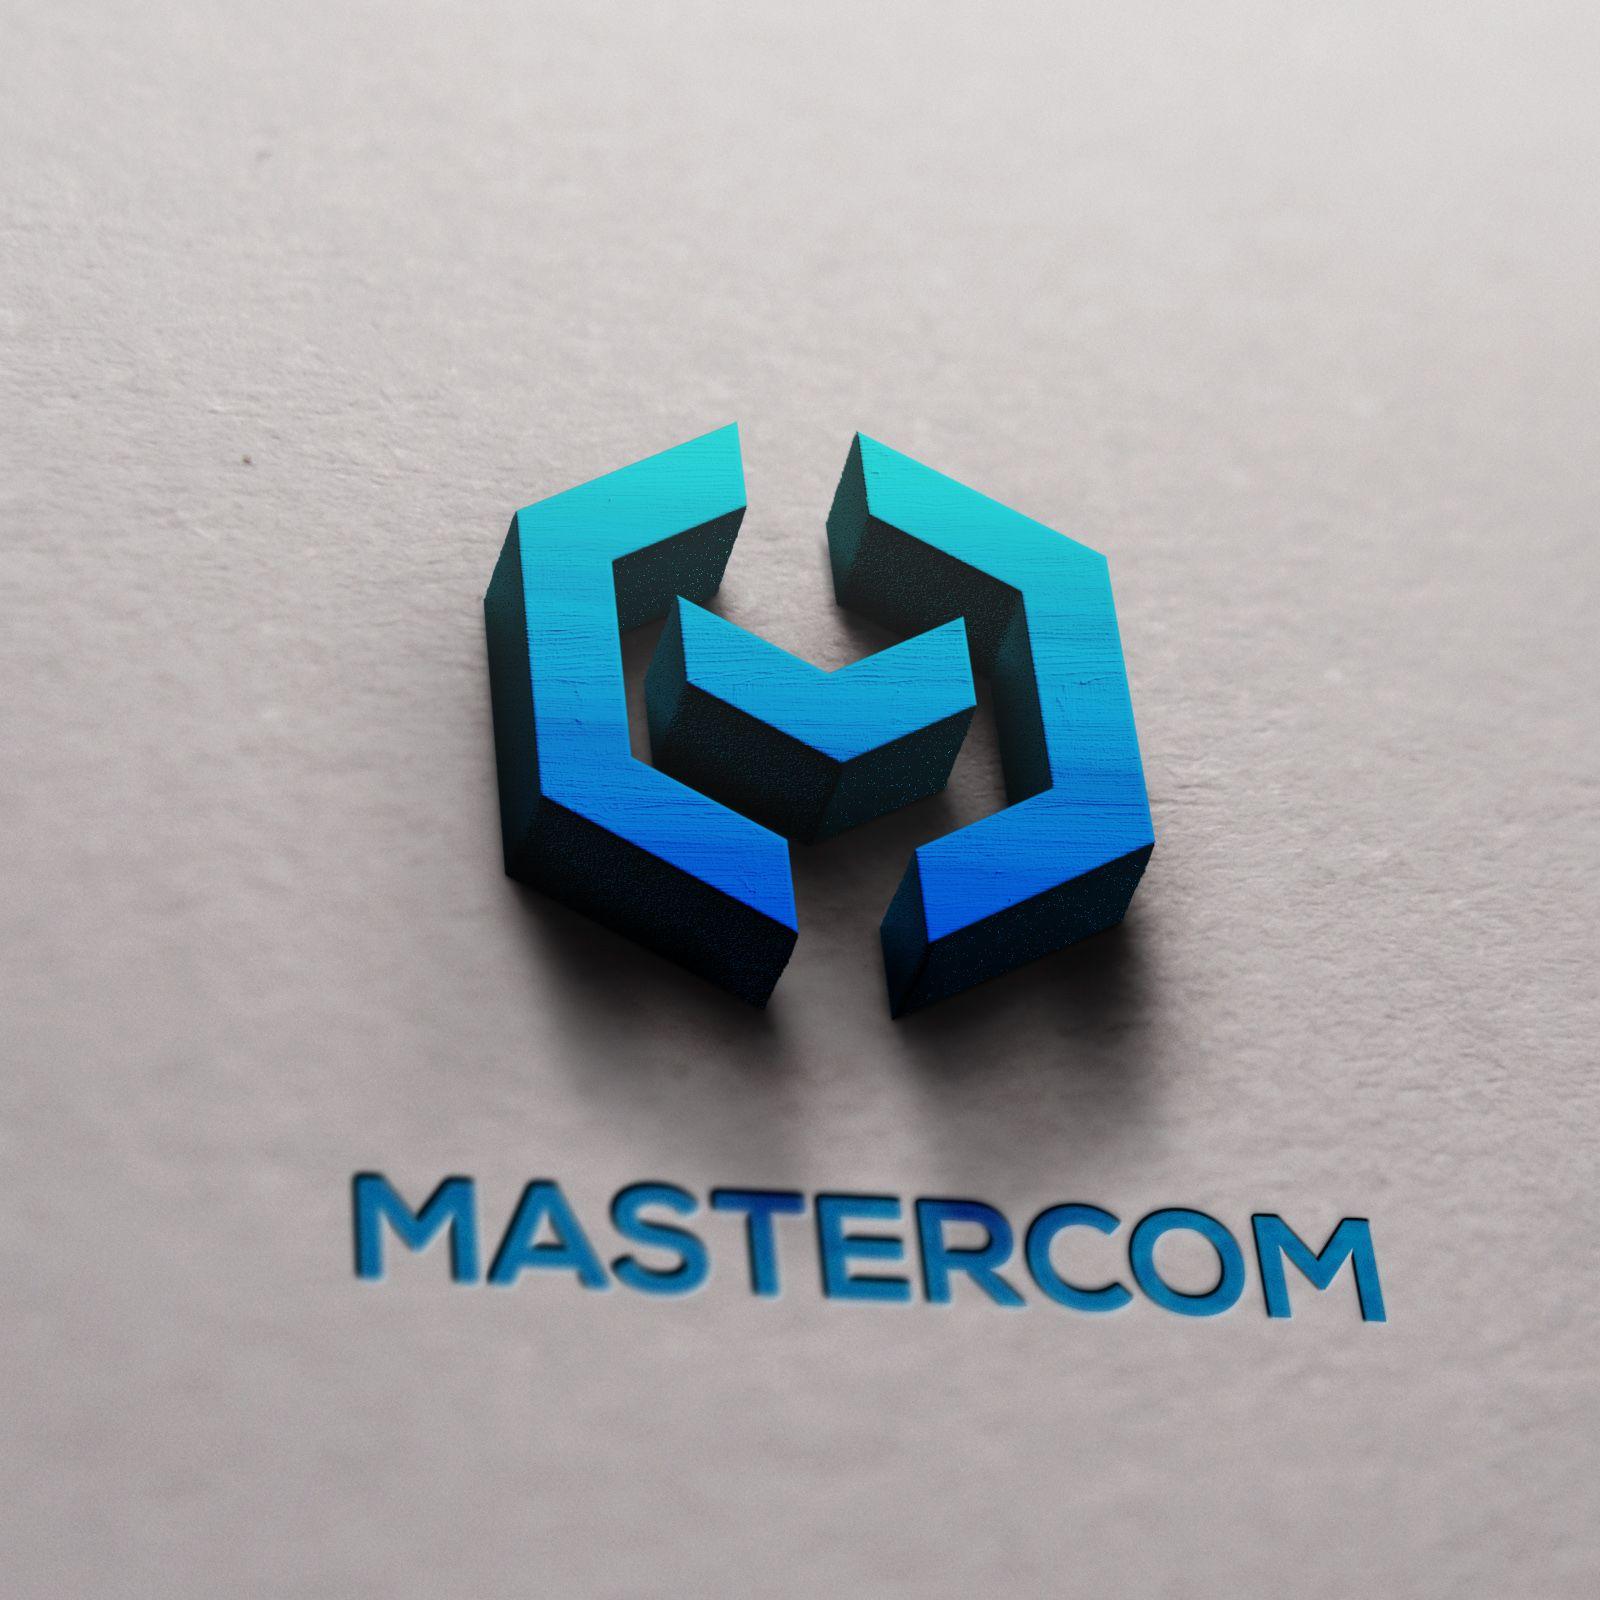 MasterCom (логотип, фирменный стиль) - дизайнер sviaznoyy